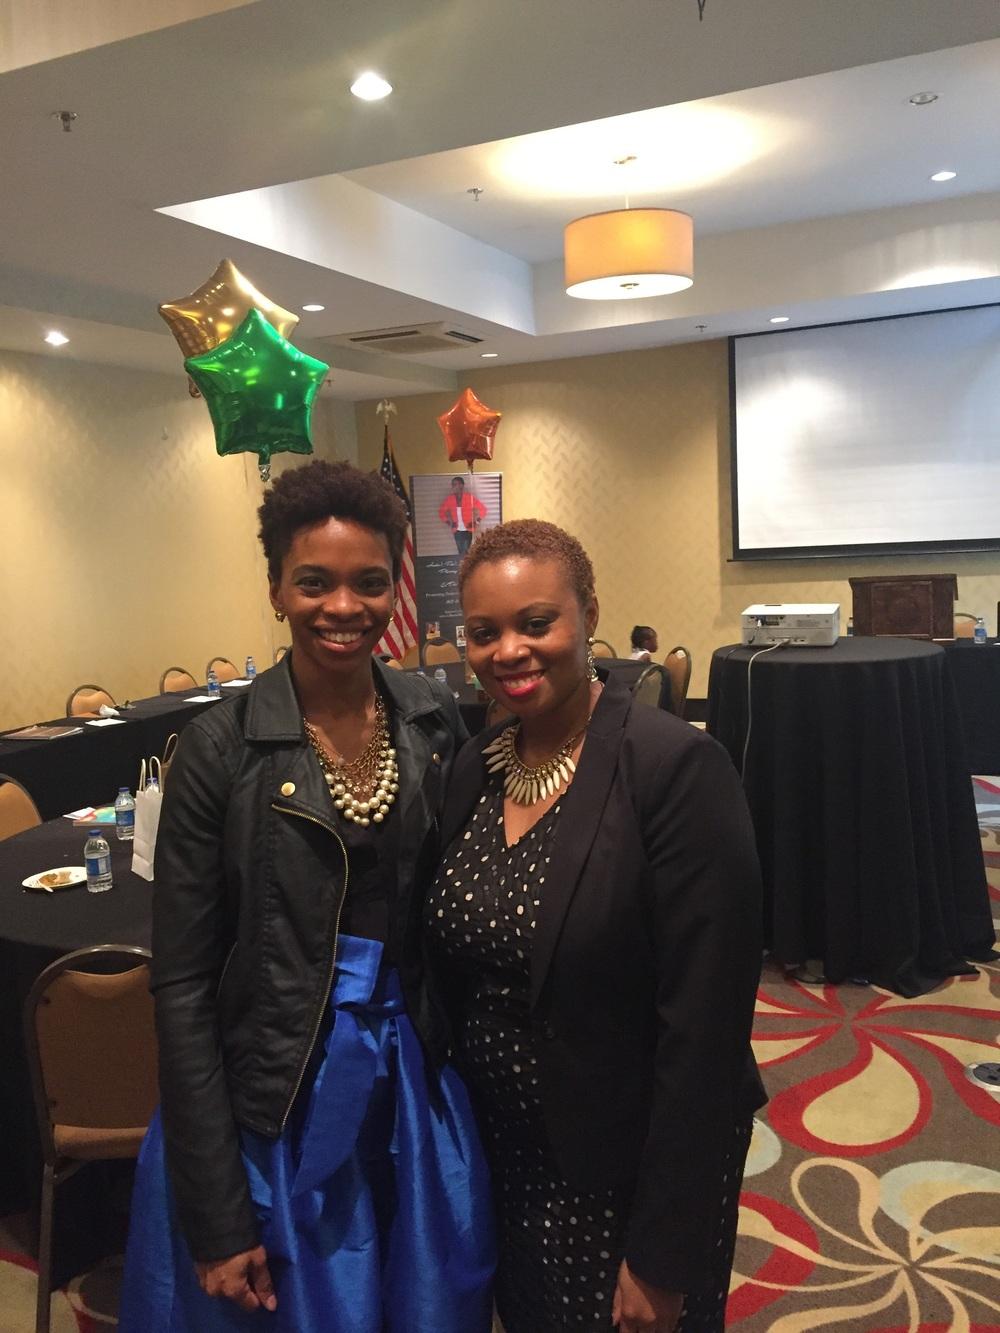 The Queen of Content, Philisha Mack of  The Mack Institute  in Atlanta